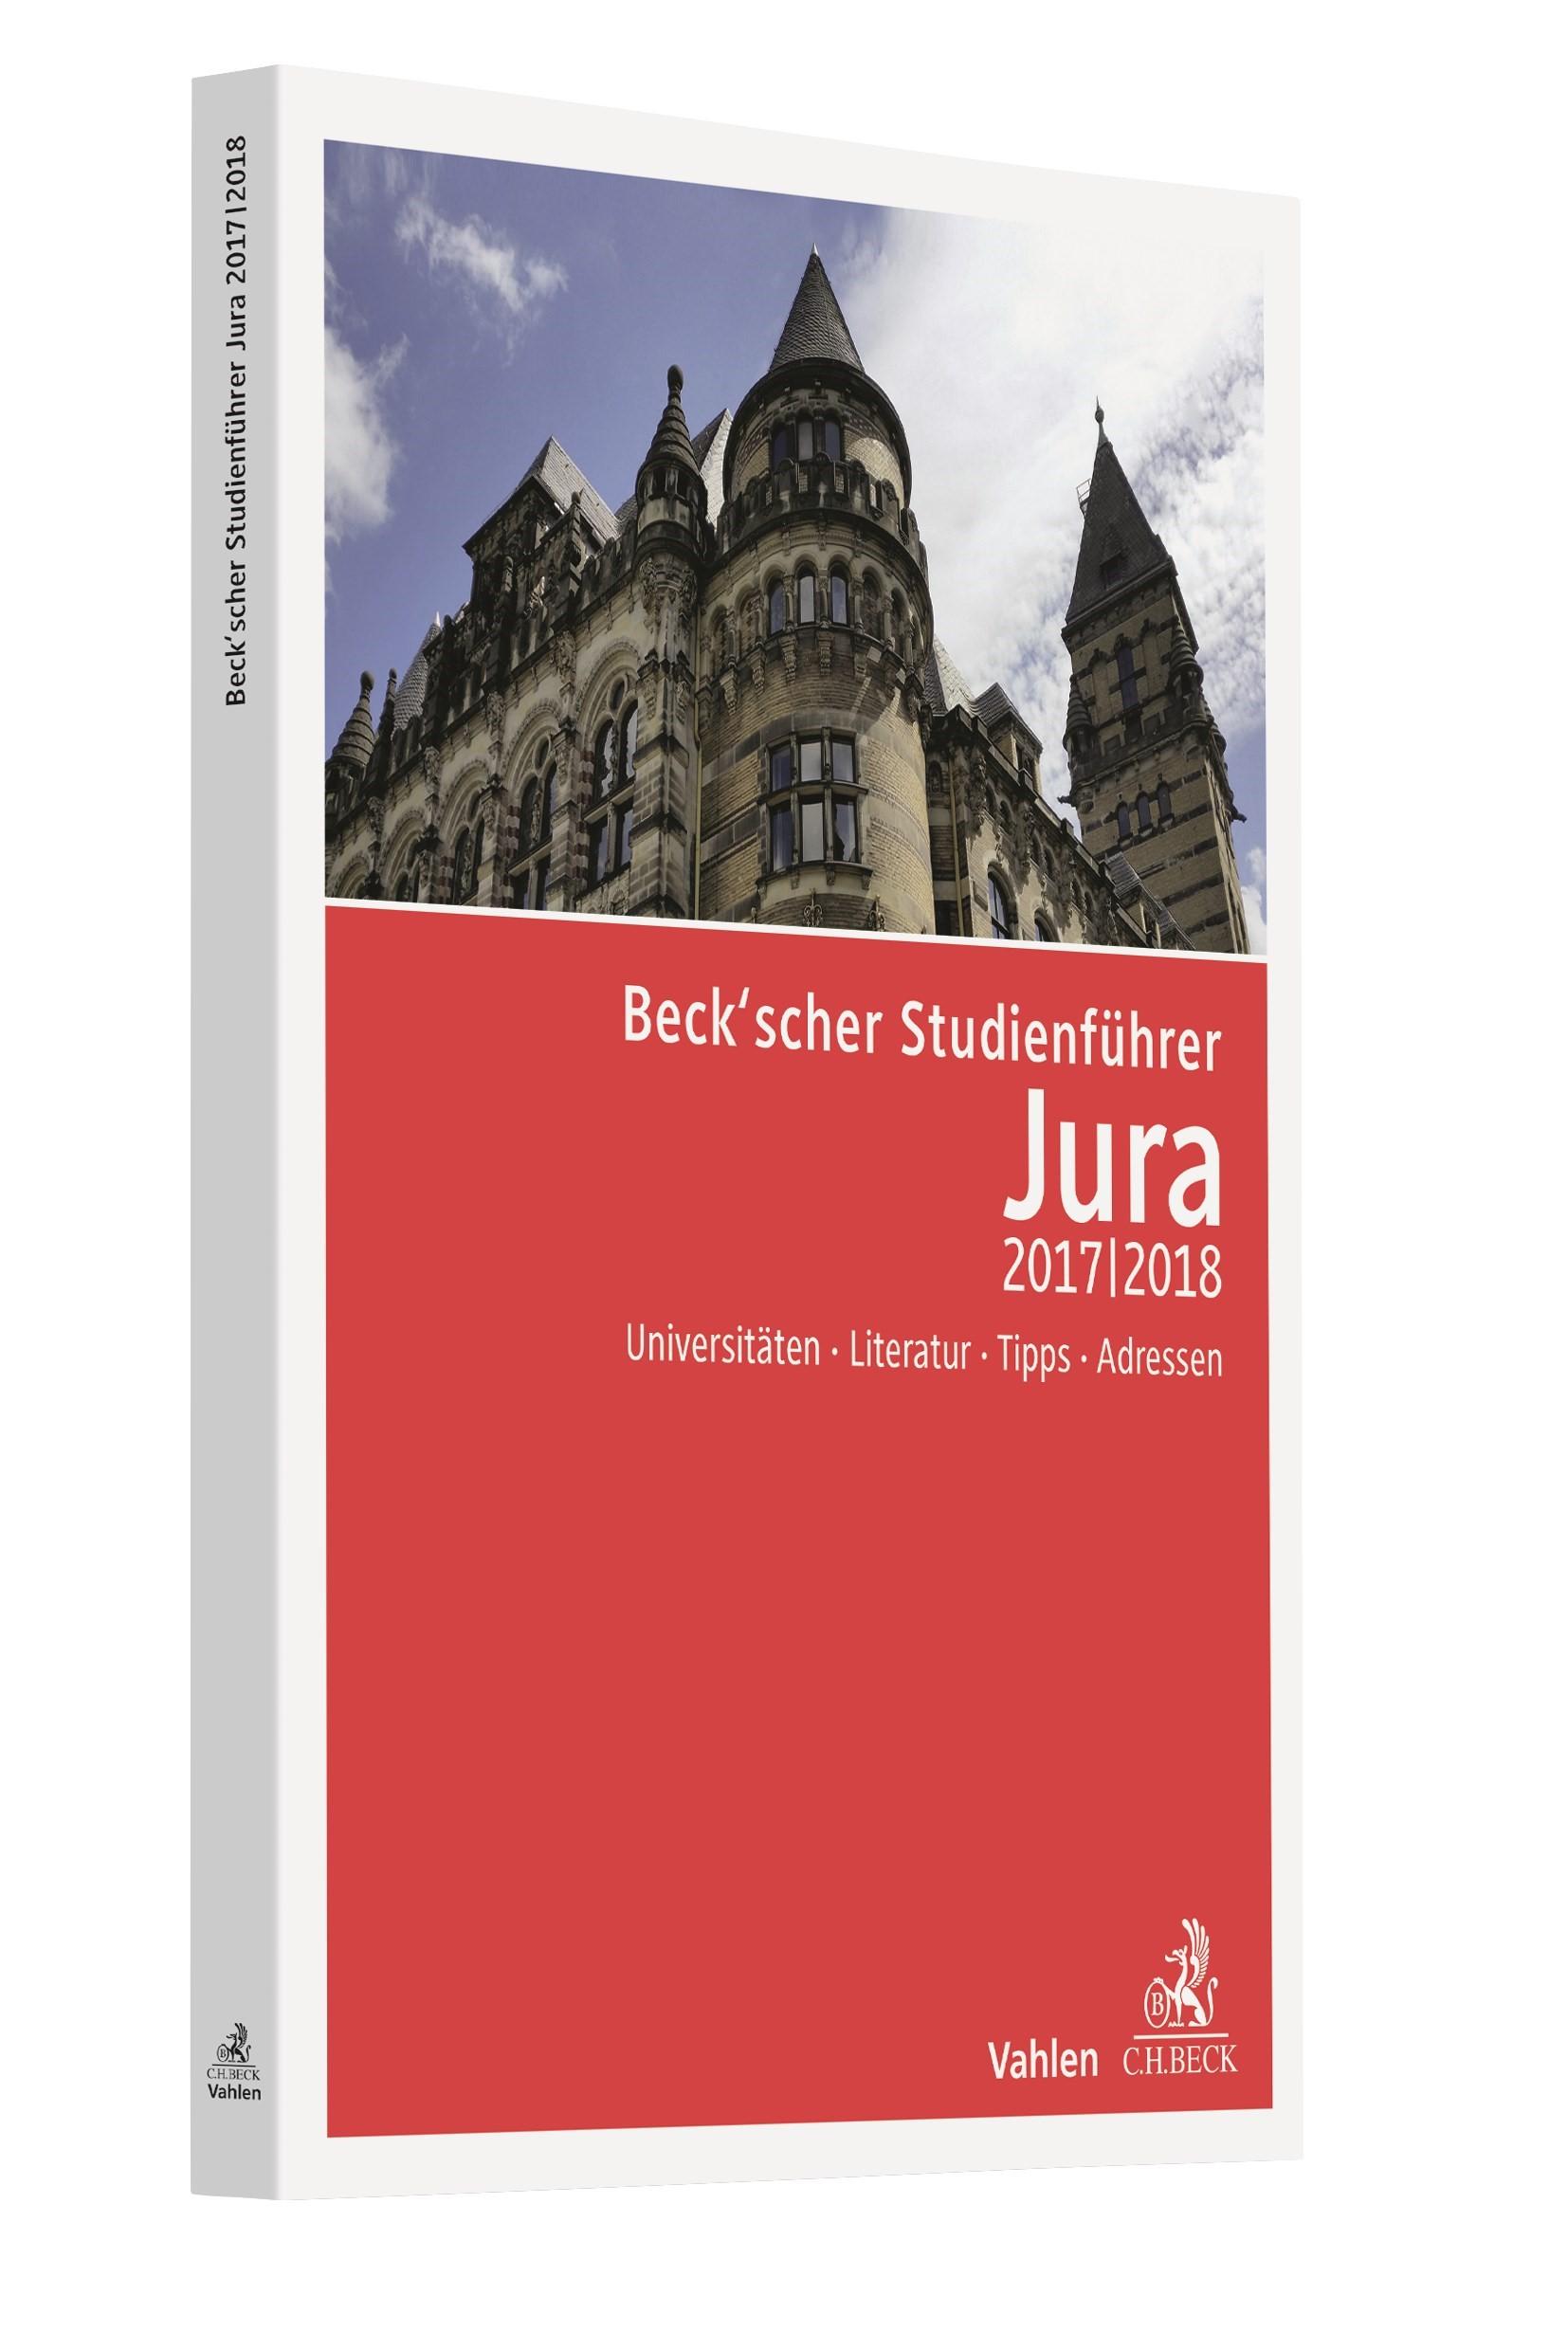 Beck'scher Studienführer Jura Wintersemester 2017/2018, 2017 | Buch (Cover)